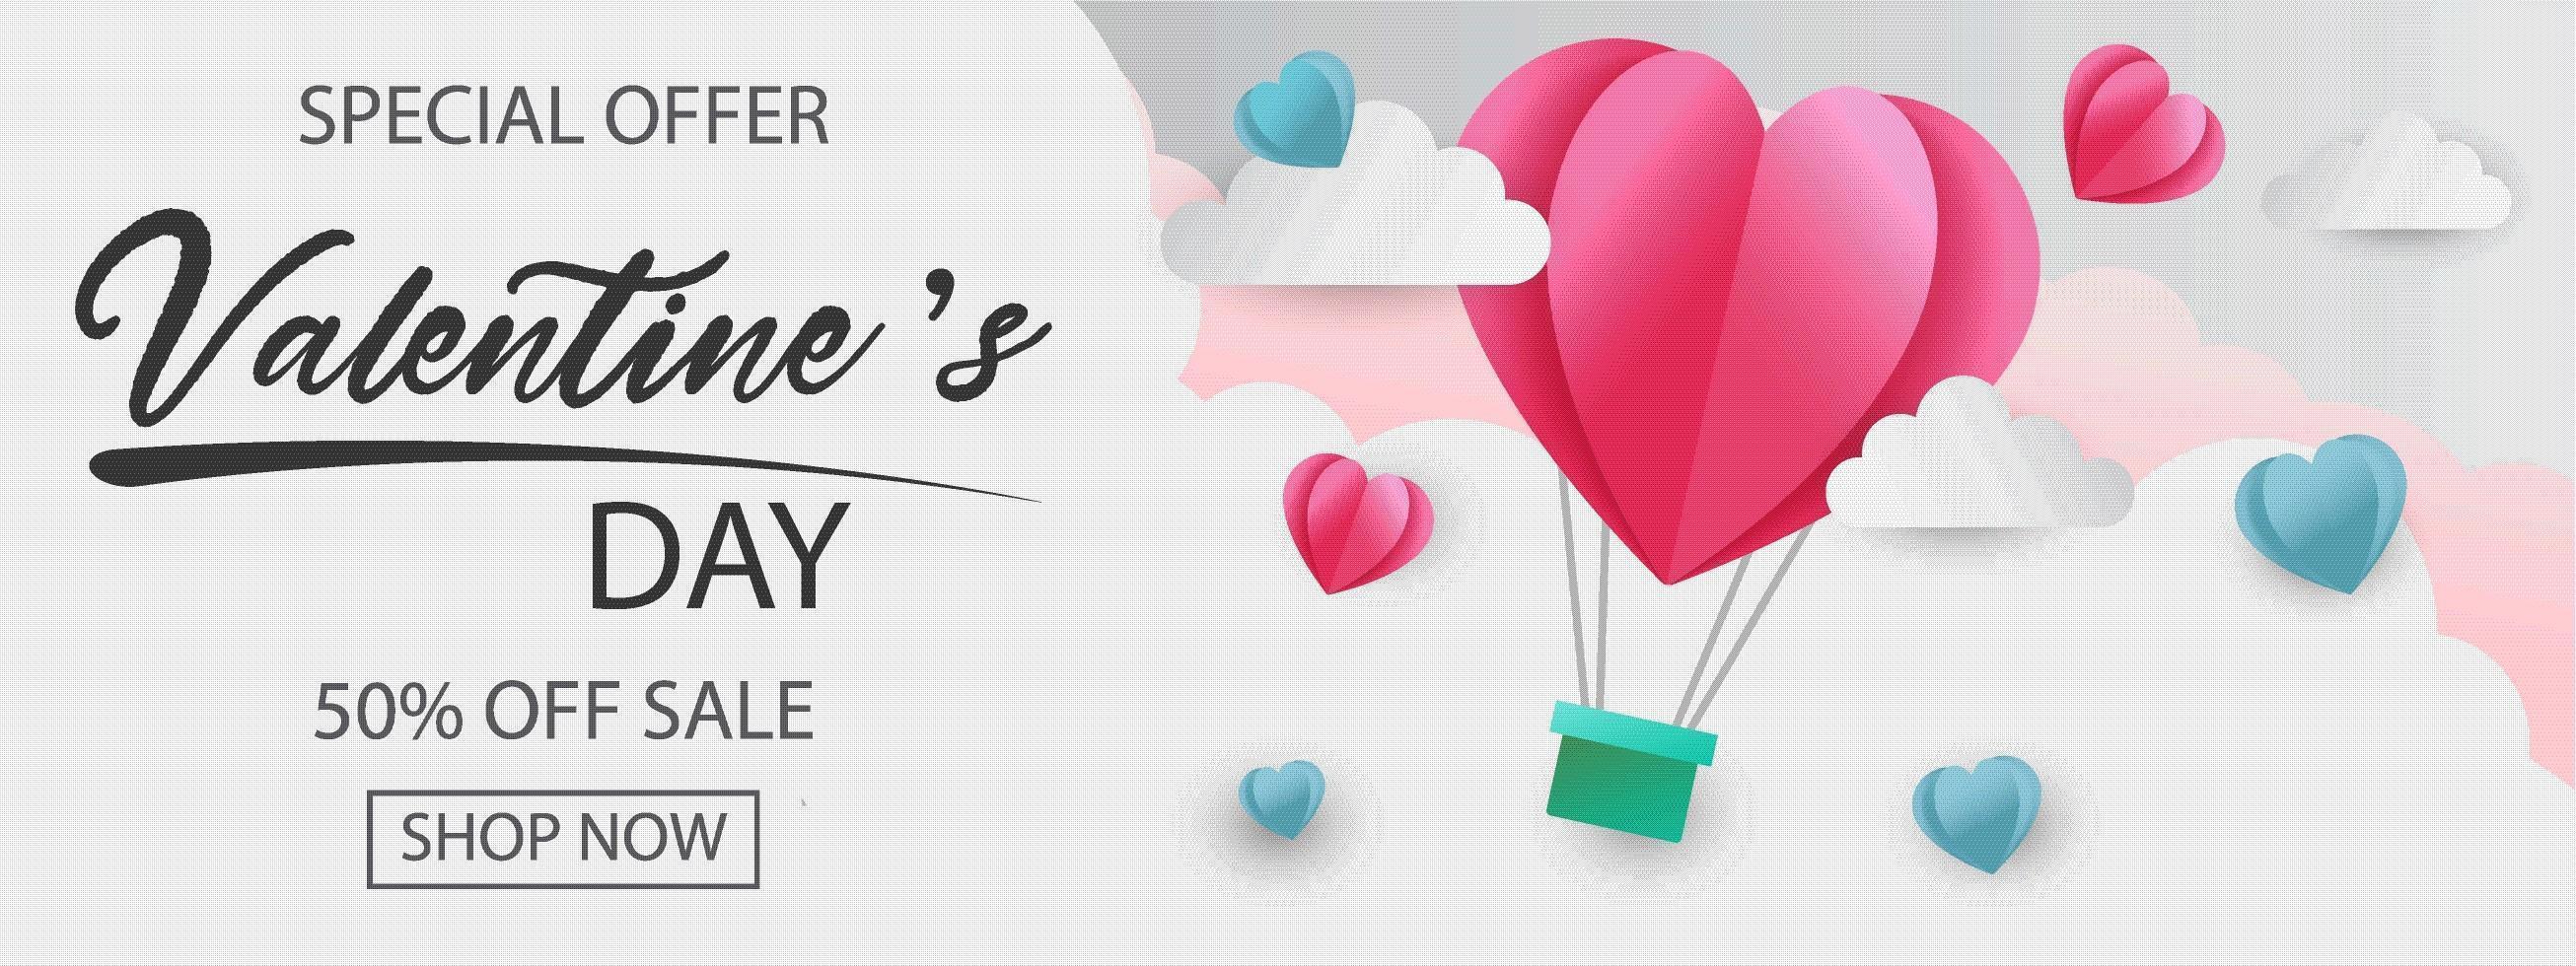 Banner de oferta especial de San Valentín con globo de corazón en las nubes. vector